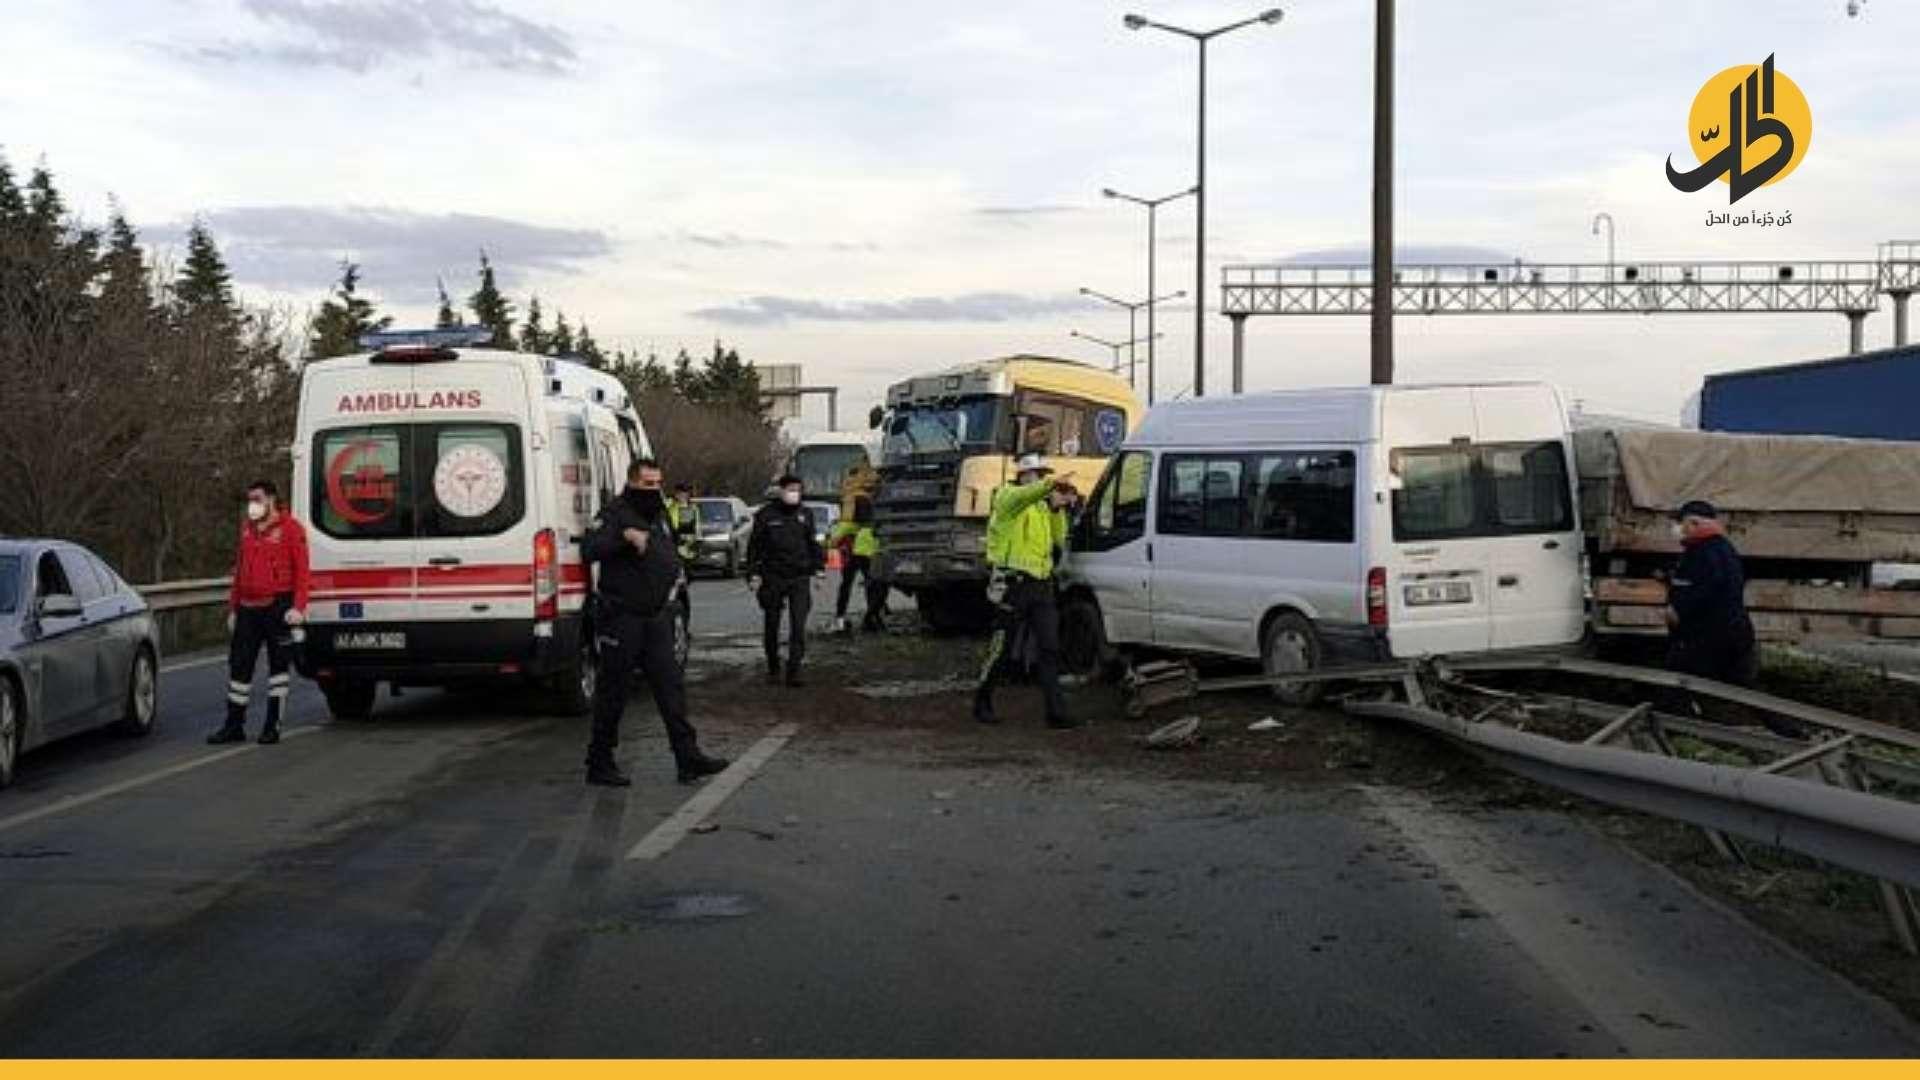 نتيجة الاستهتار بسلامتهم .. العمالة السورية ضحية لحوادث سير متكررة في تركيا